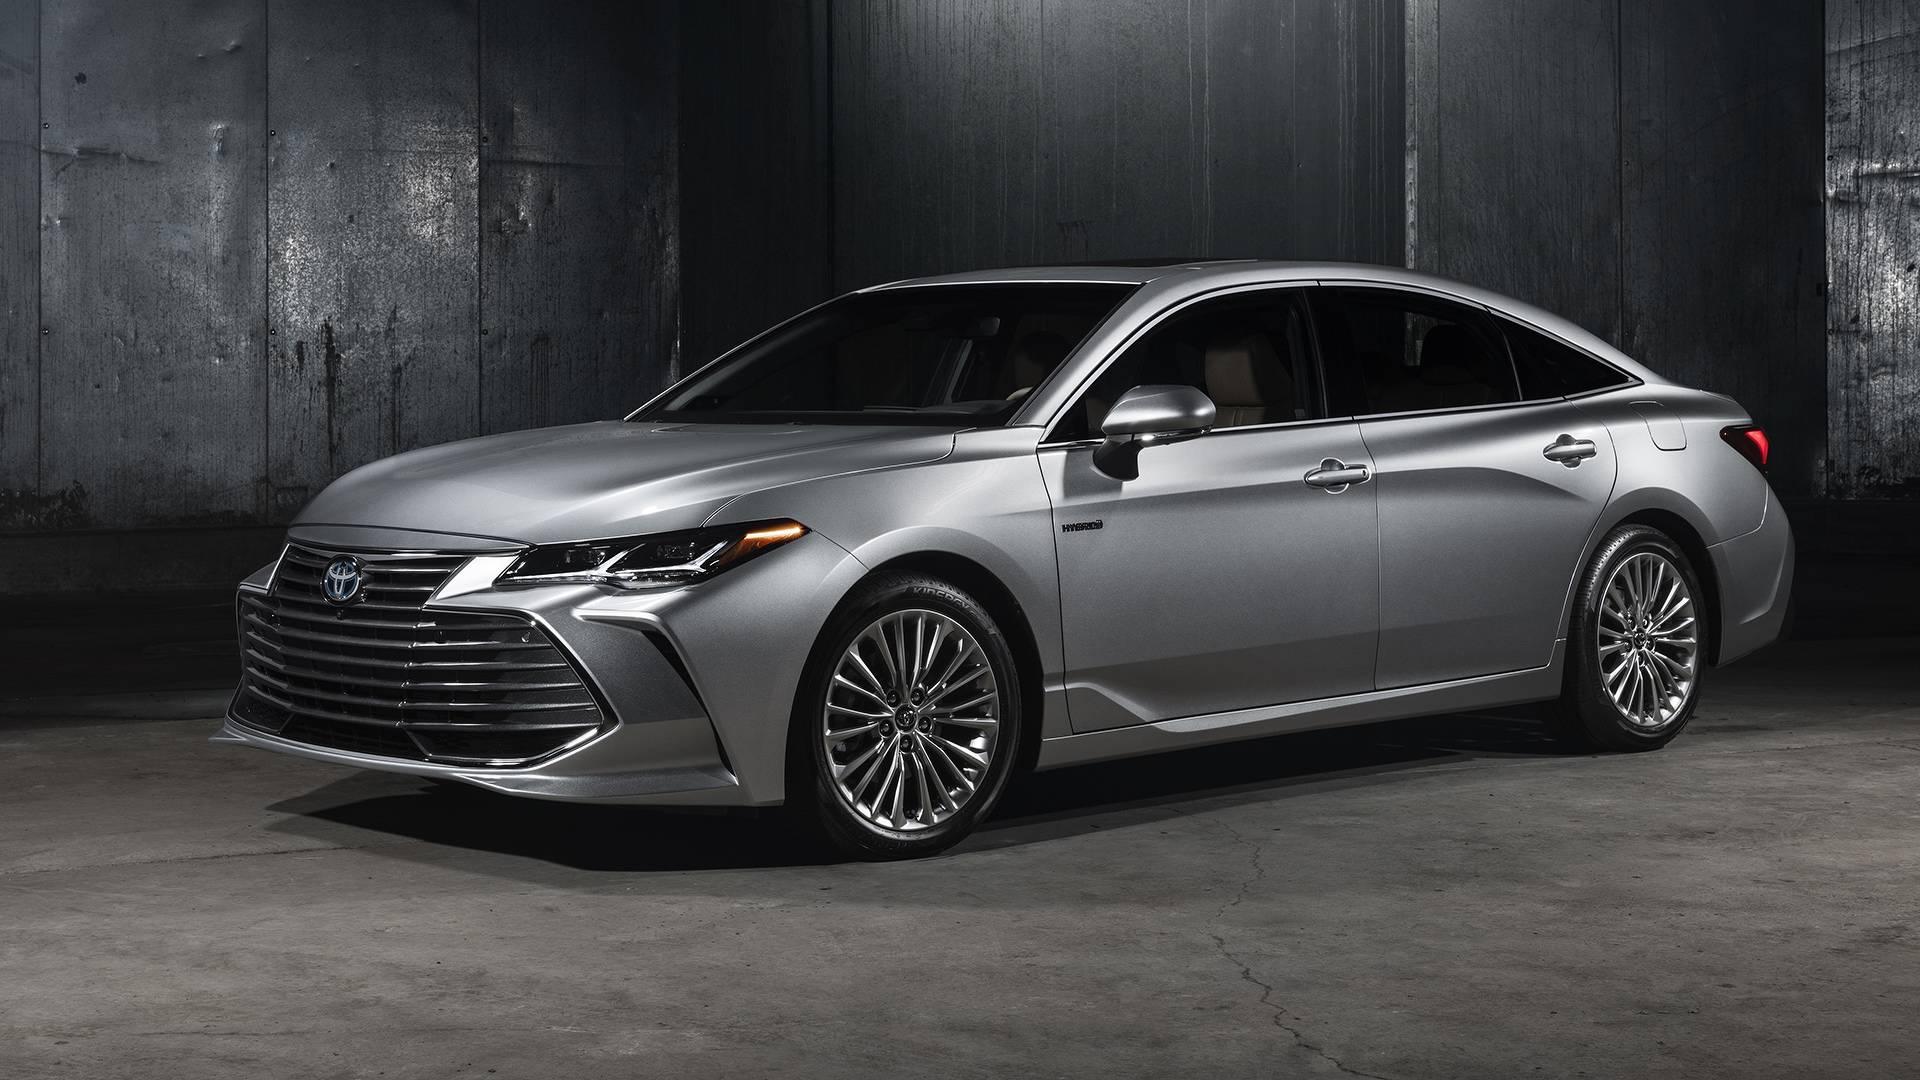 2019-toyota-avalon-limited-hybrid.jpg